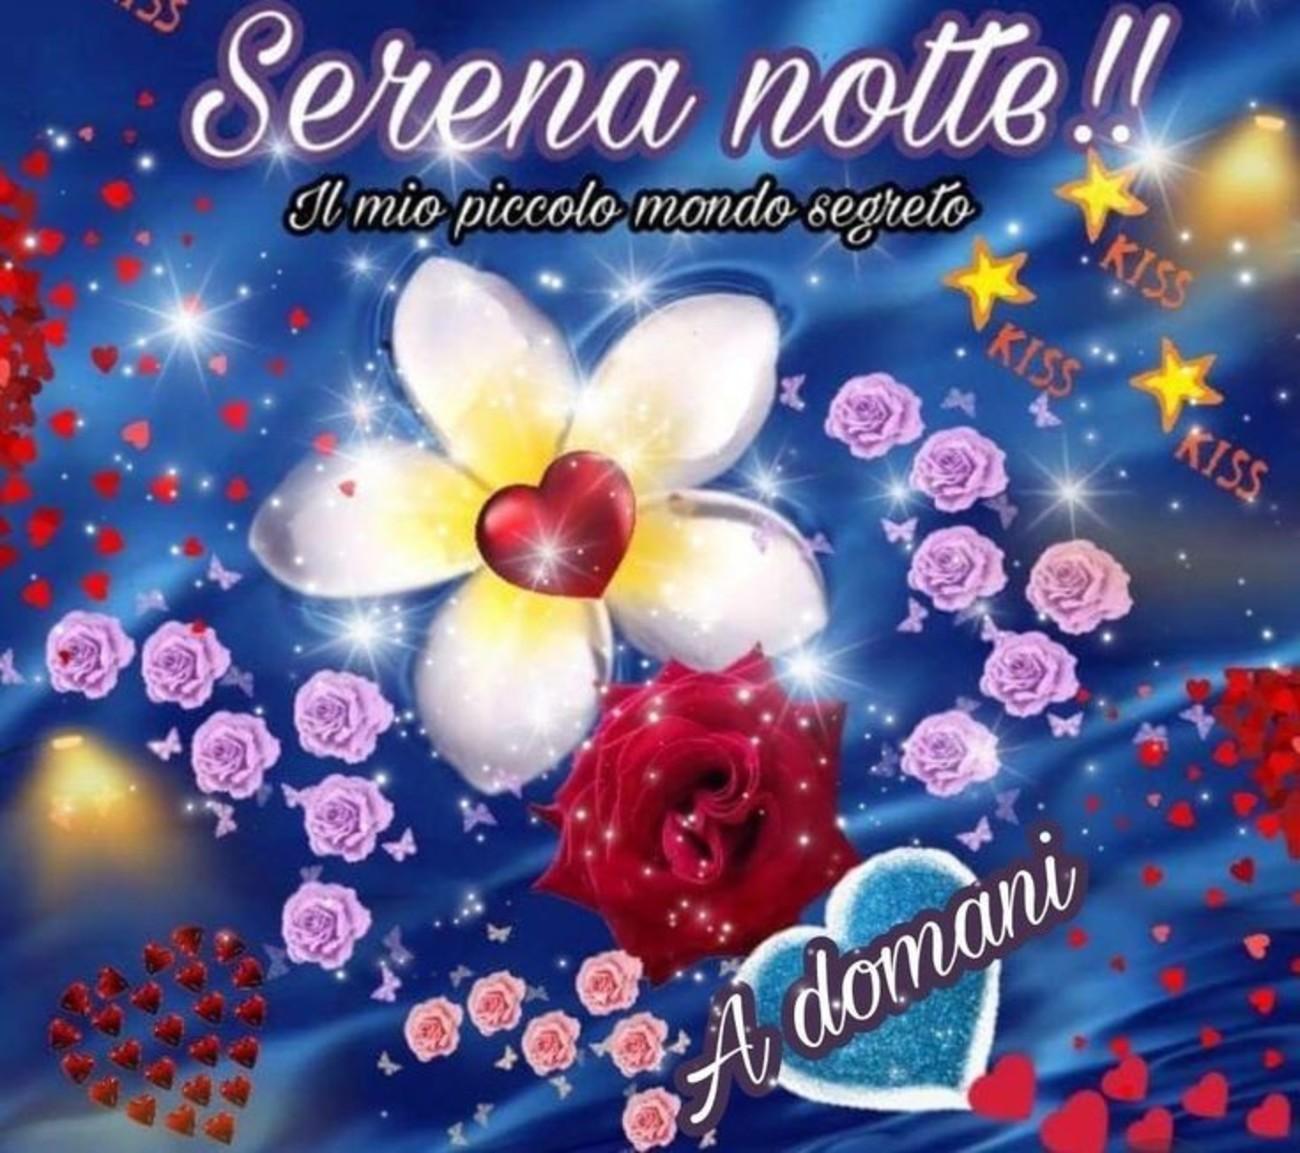 Buonanotte A Tutti 5 Buongiornoateit